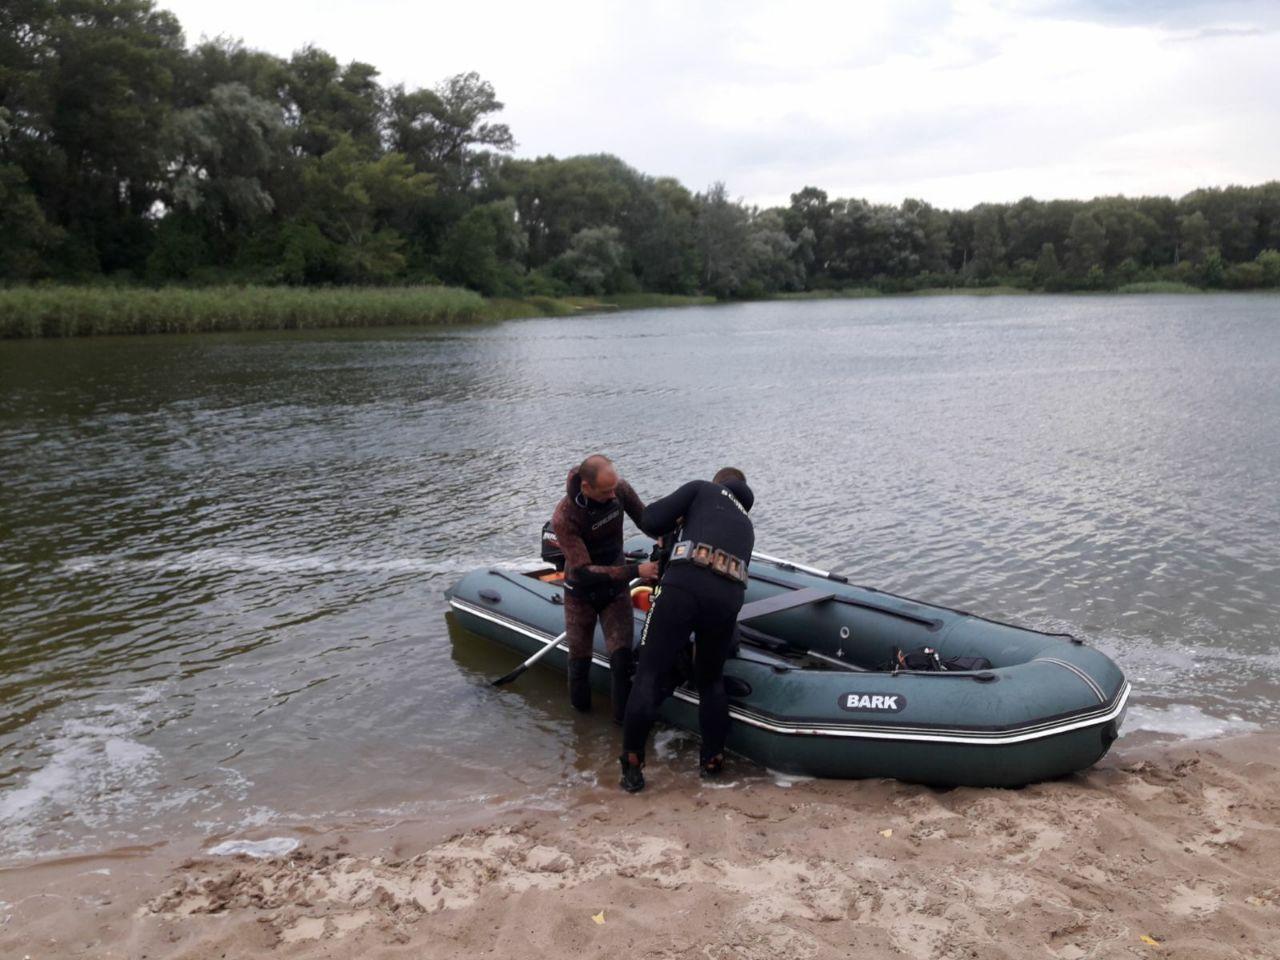 Без Купюр У Світловодську втопився 14-річний хлопець Події  Світловодськ підліток втопився 2020 рік